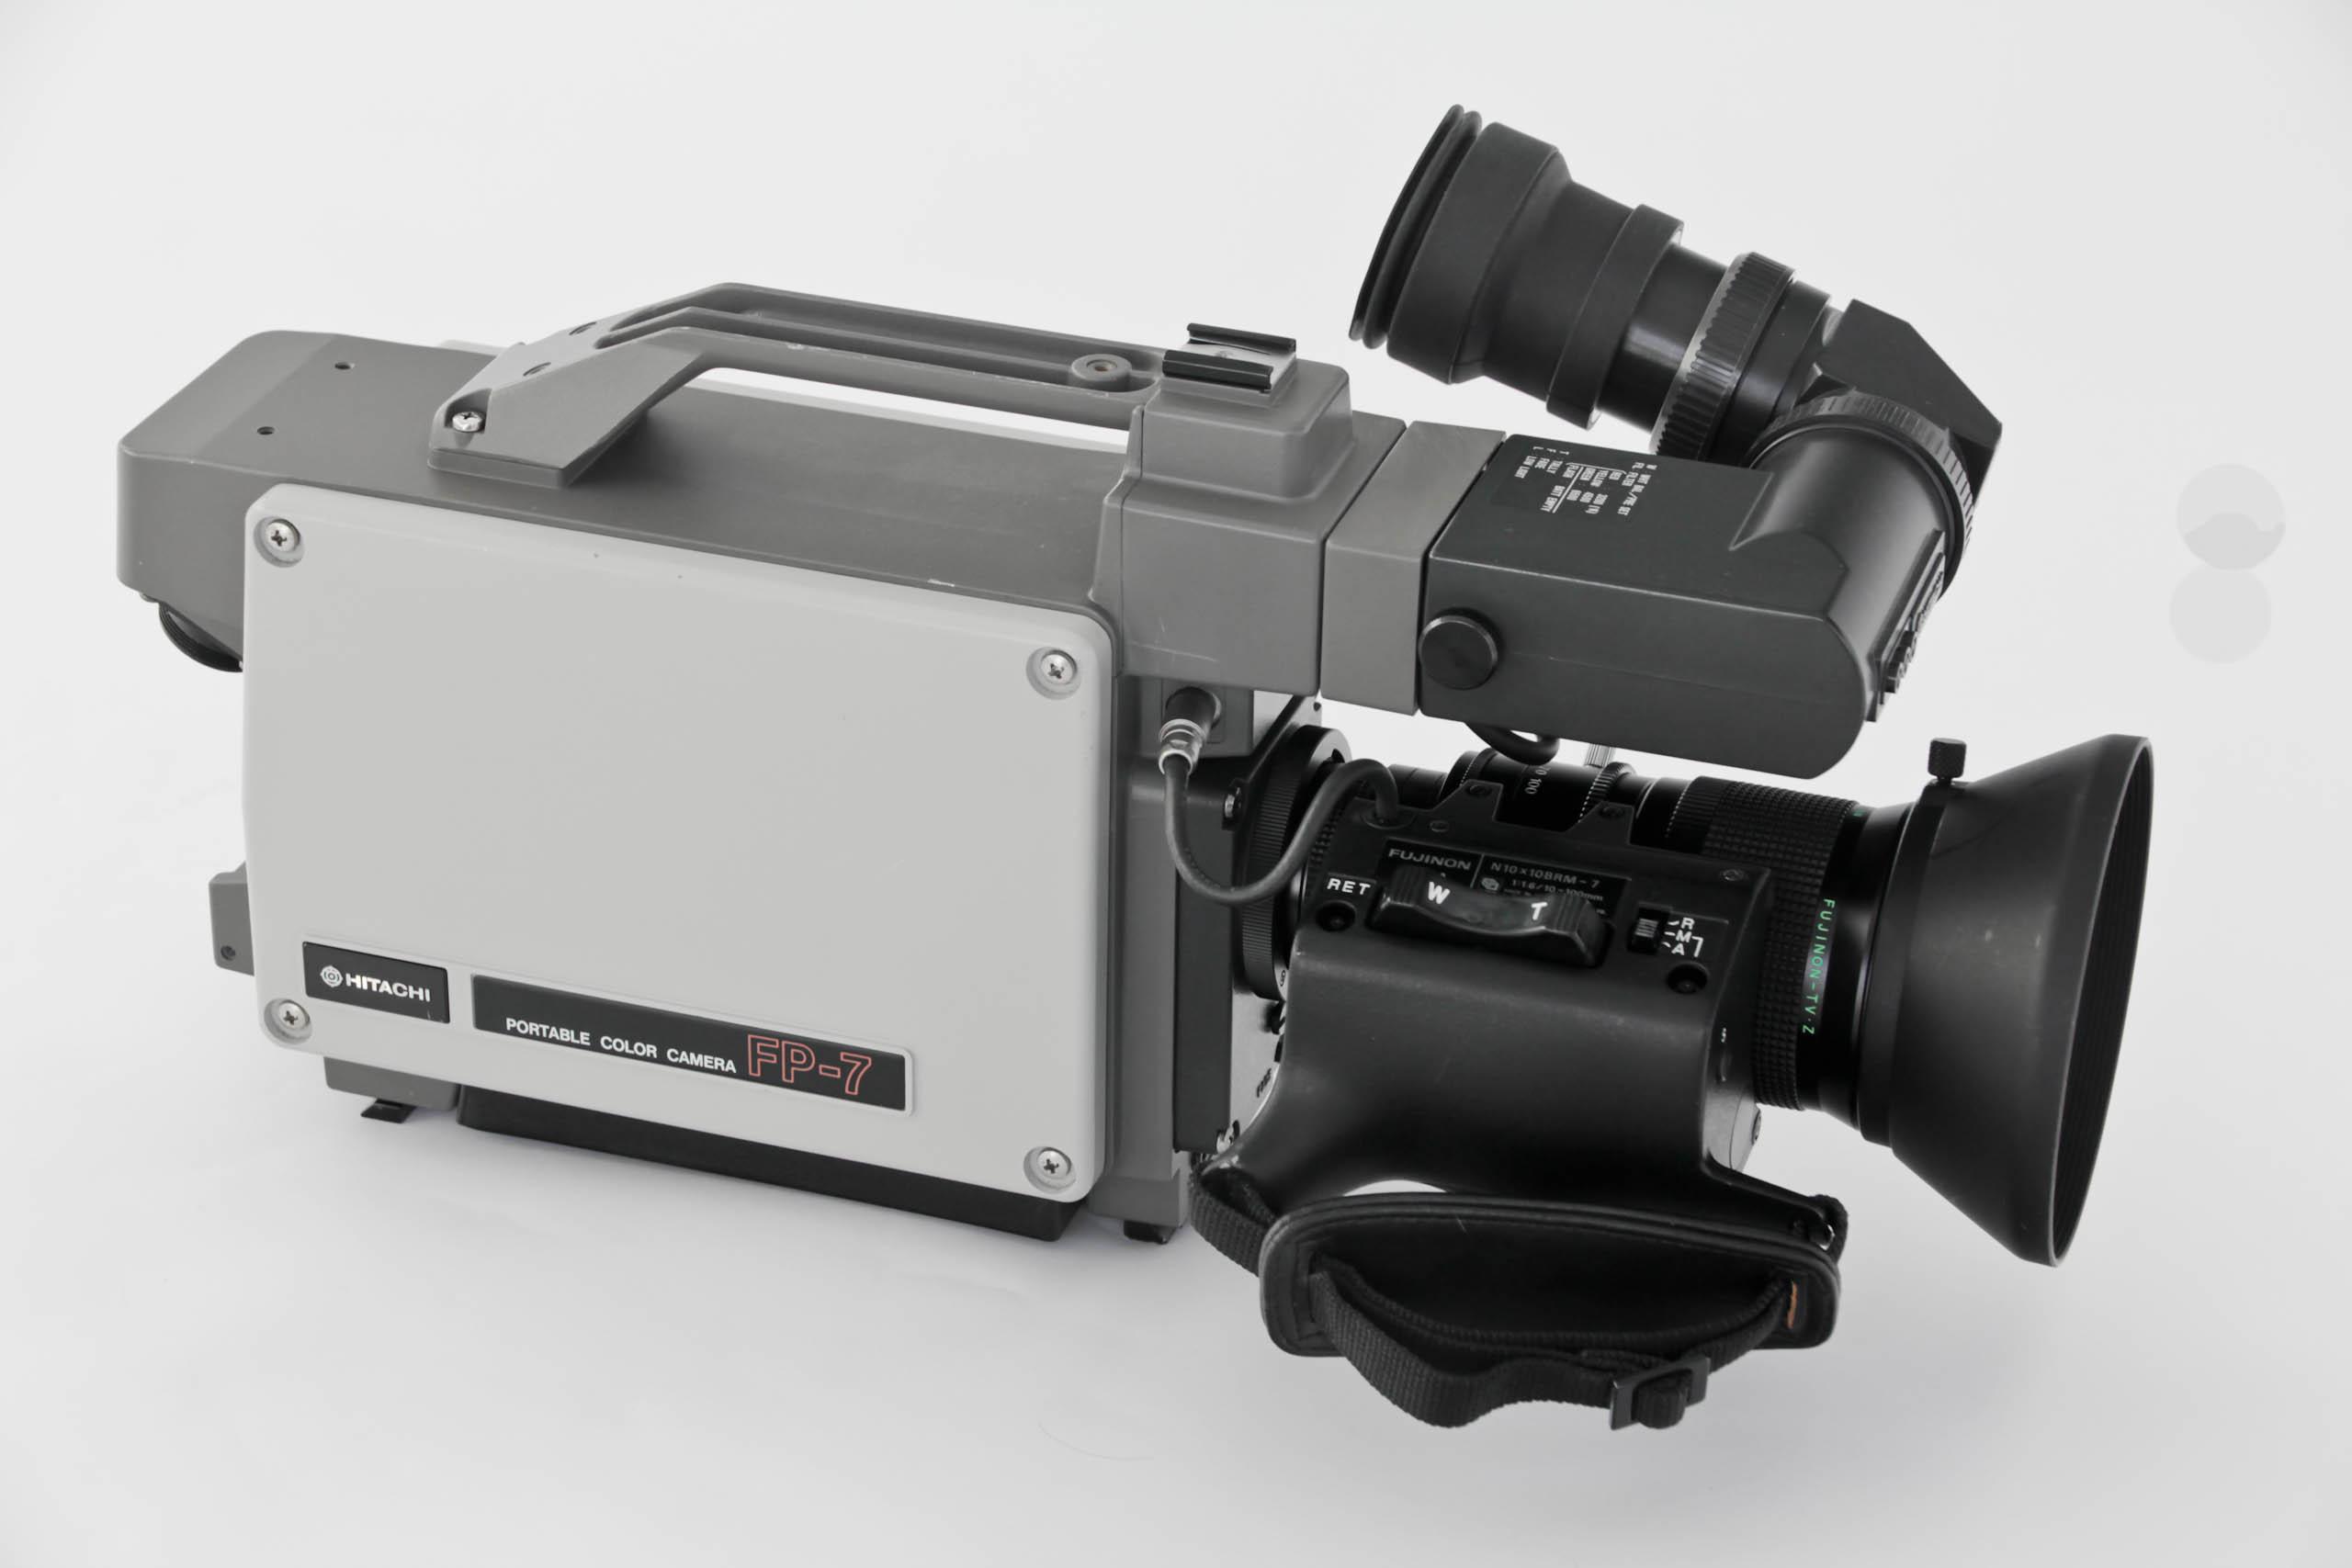 Hitachi FP-7